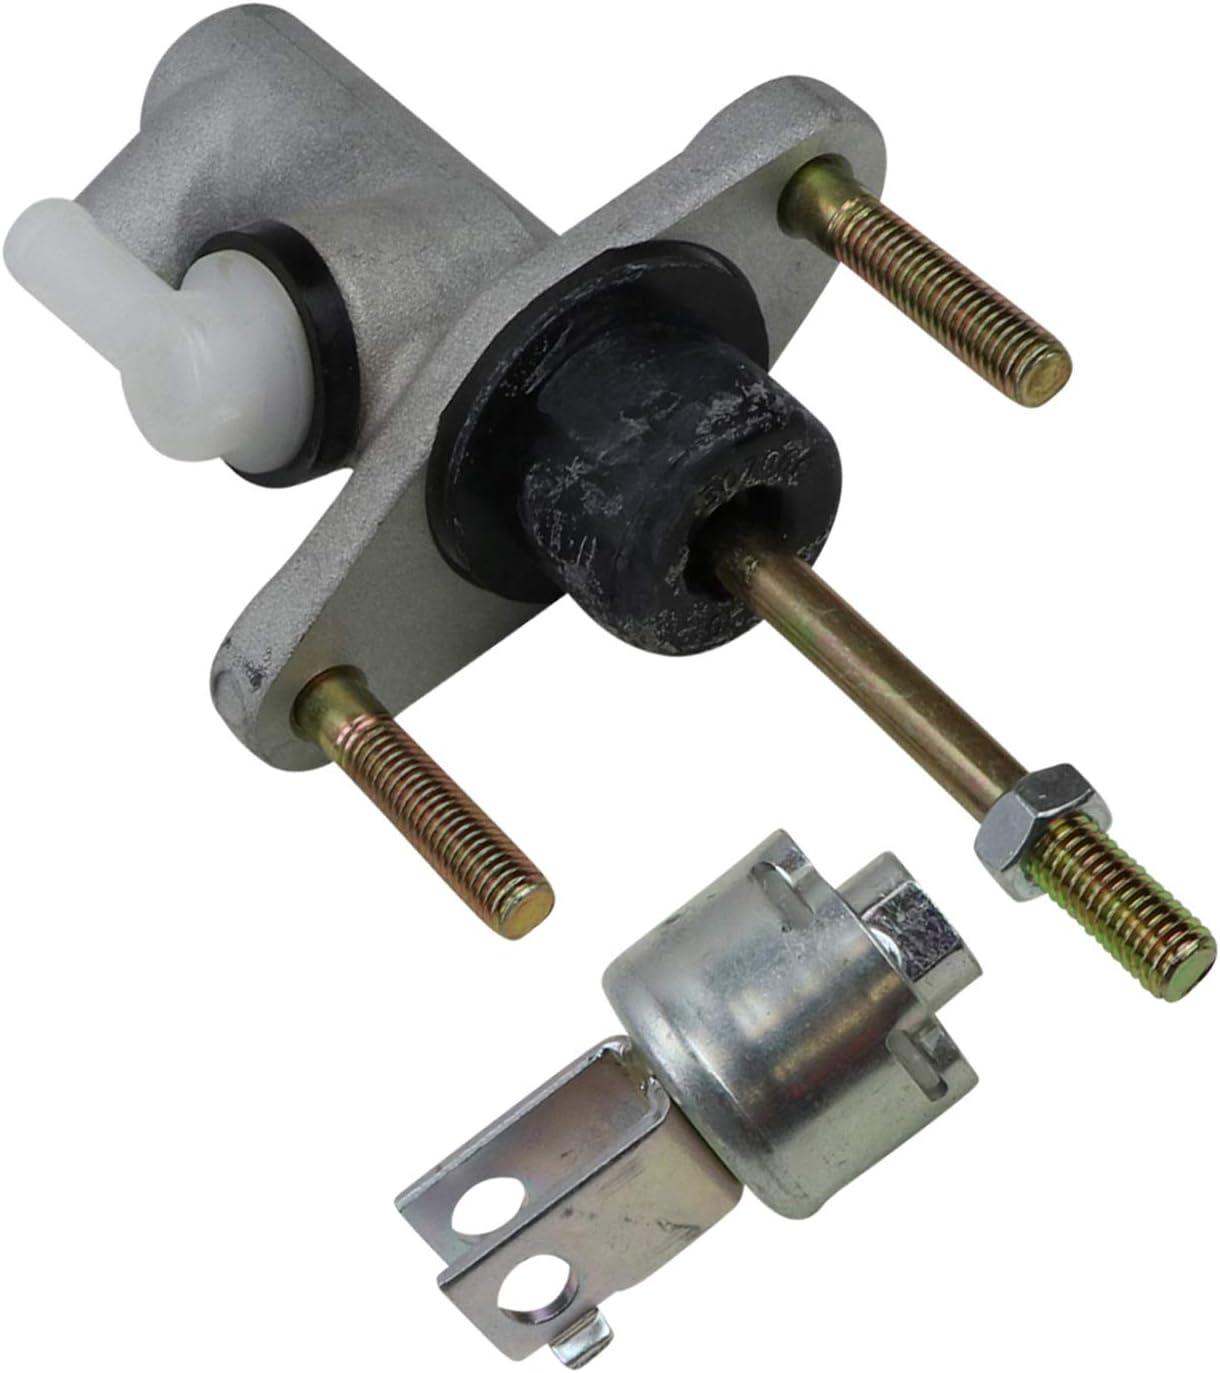 Beck Arnley 072-8826 Clutch Slave Cylinder